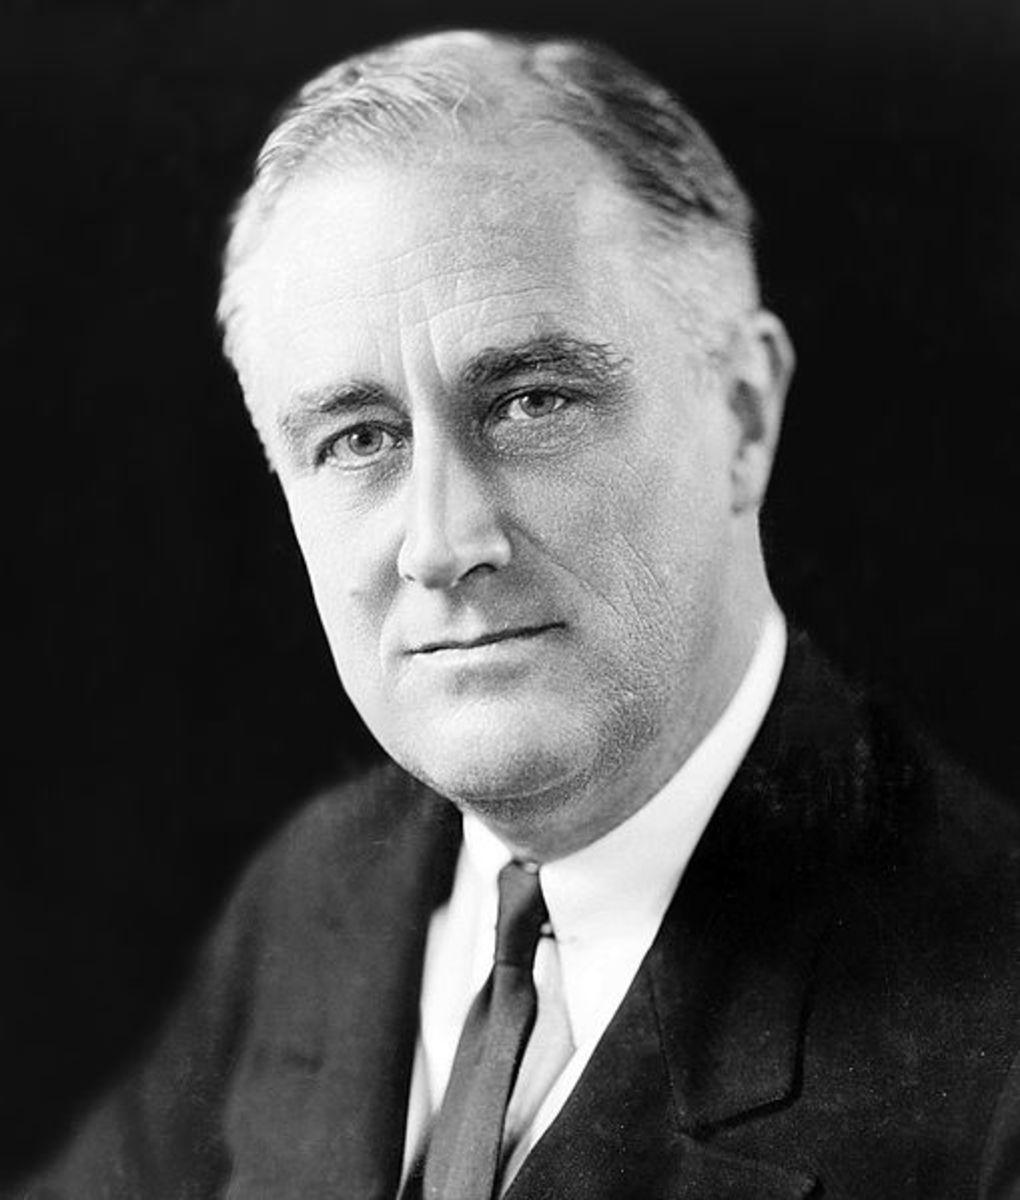 Franklin D. Roosevelt, United States President, 1933-1945